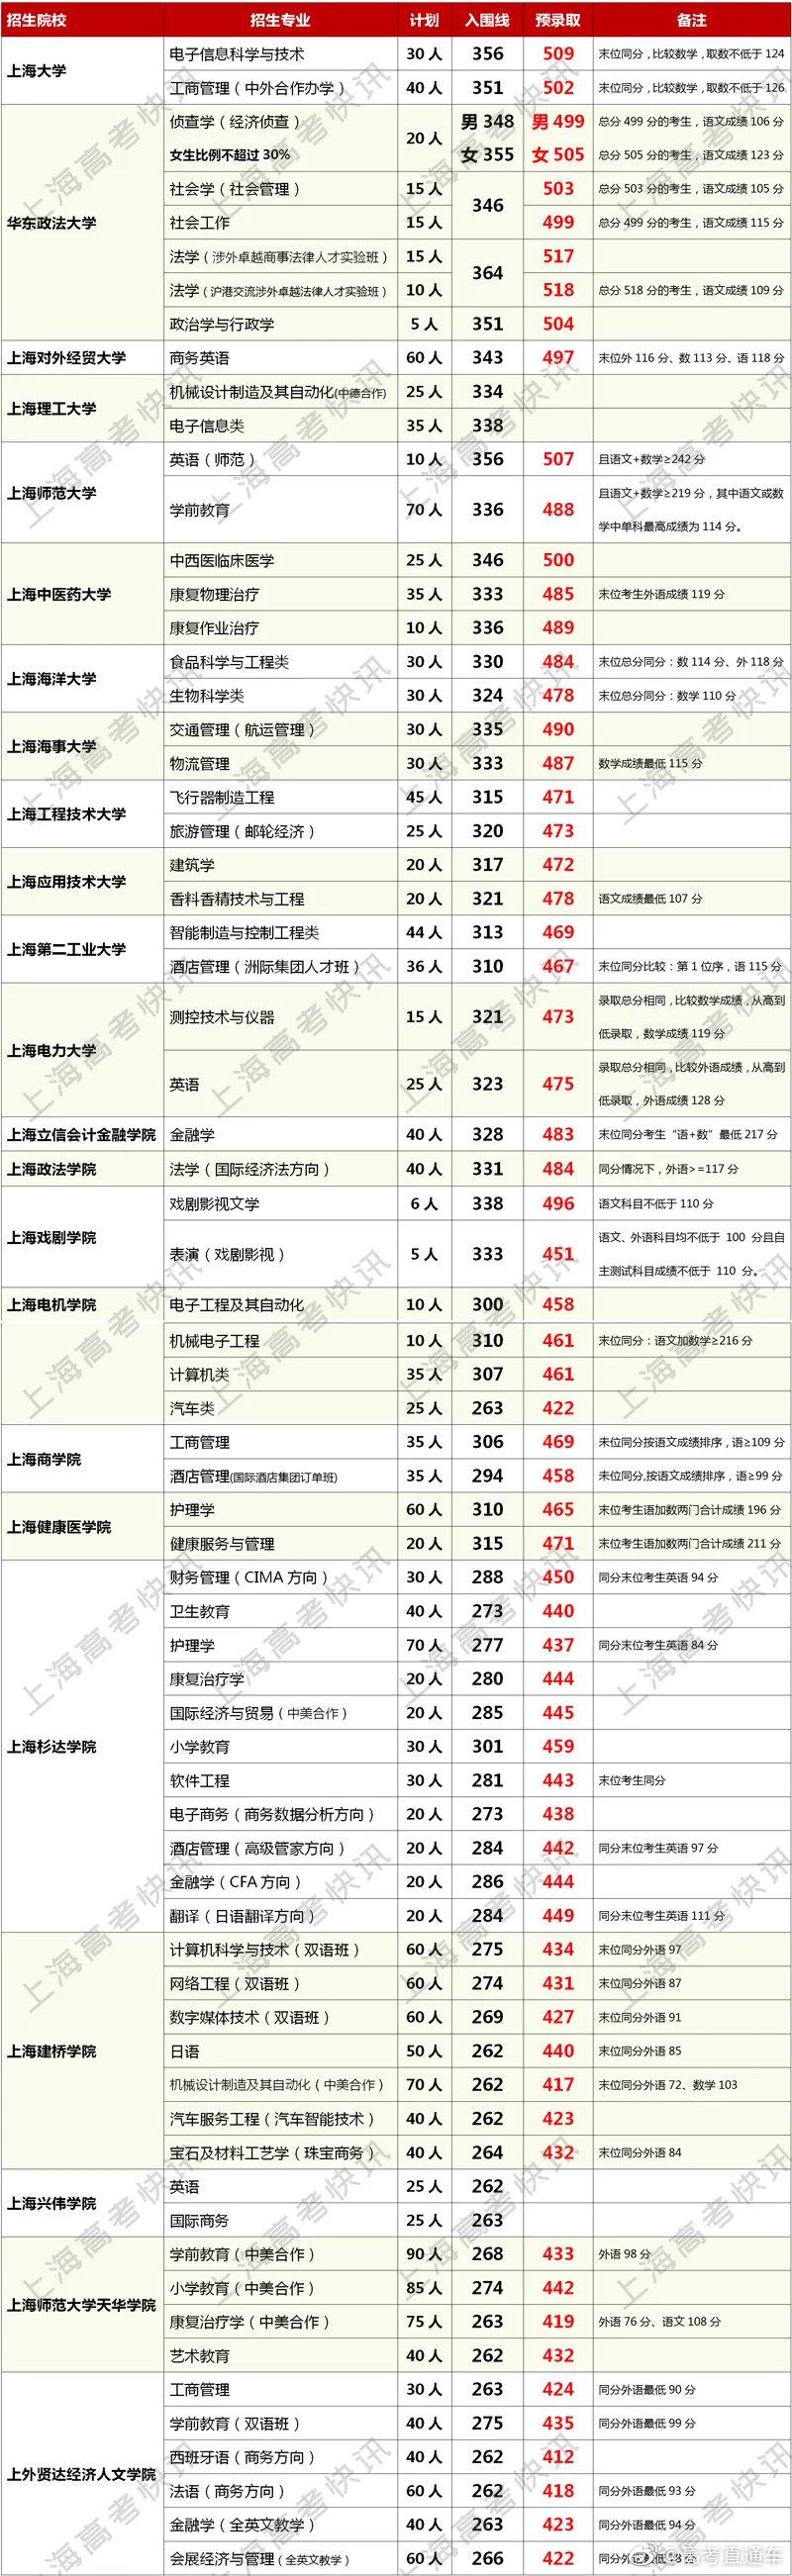 2020年上海春考预录取分数线公布